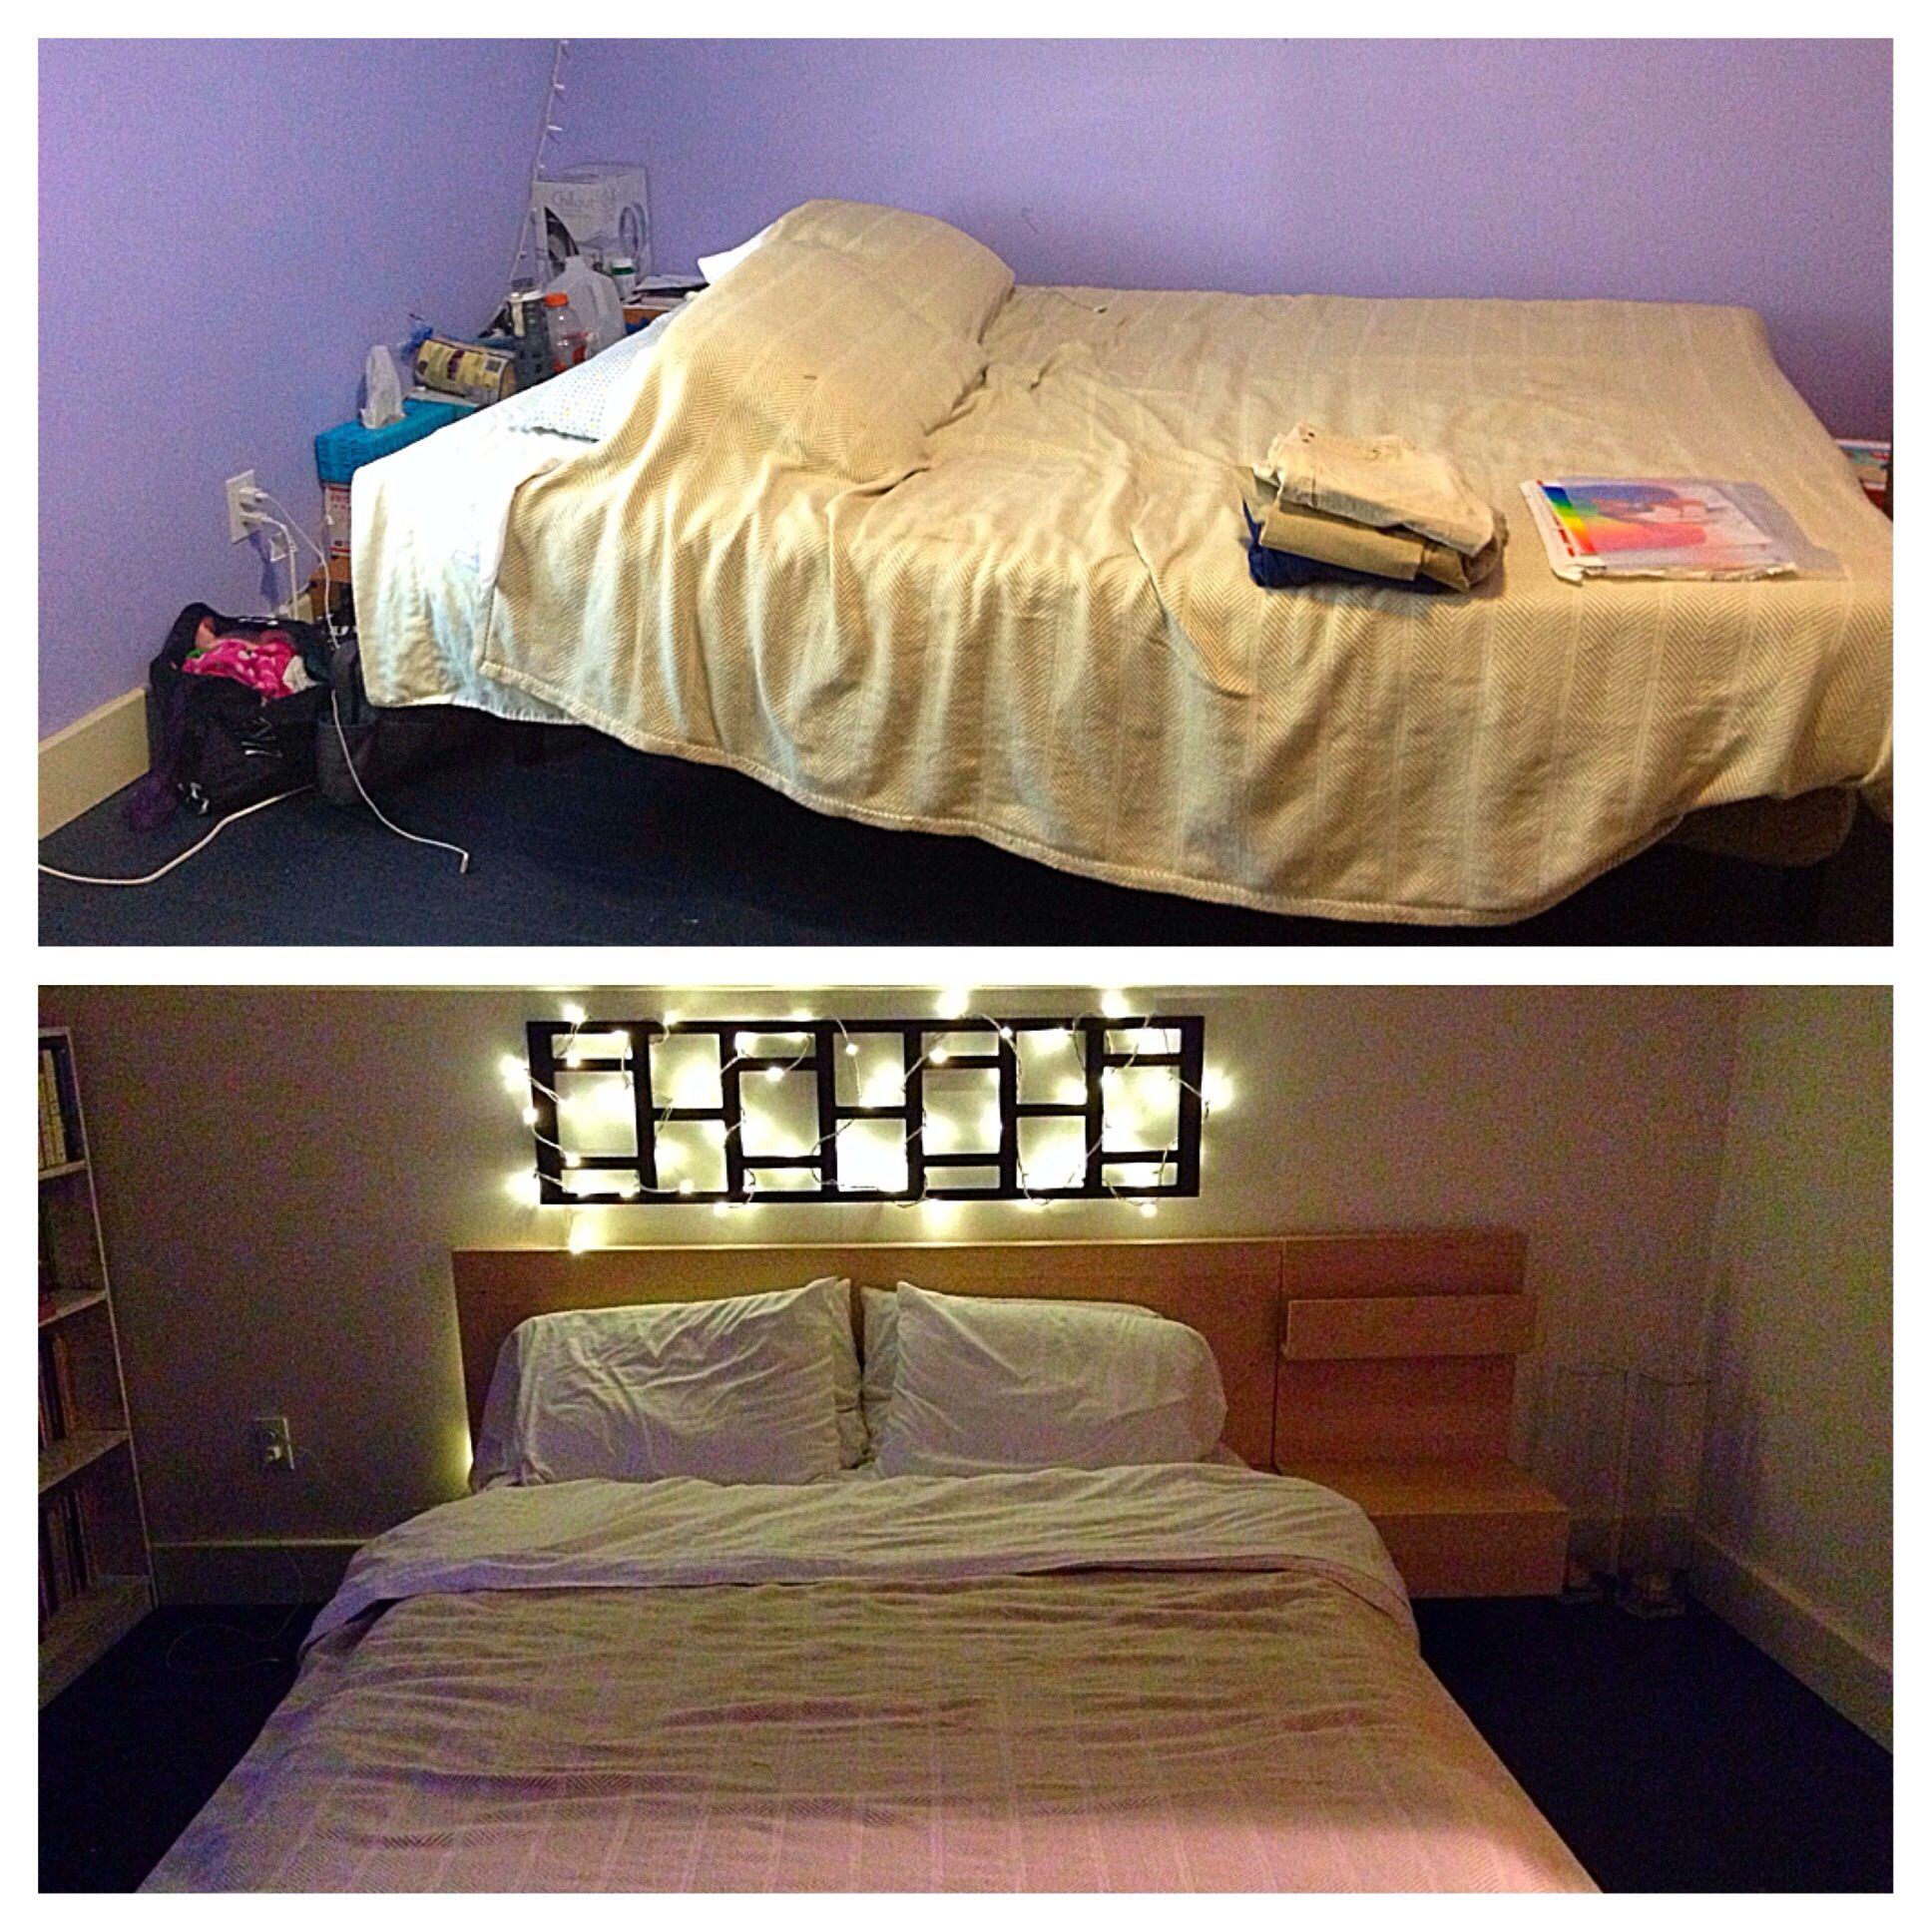 Twin loft bed craigslist  bedroom remix  nomorepurple bedroom newbed diy project